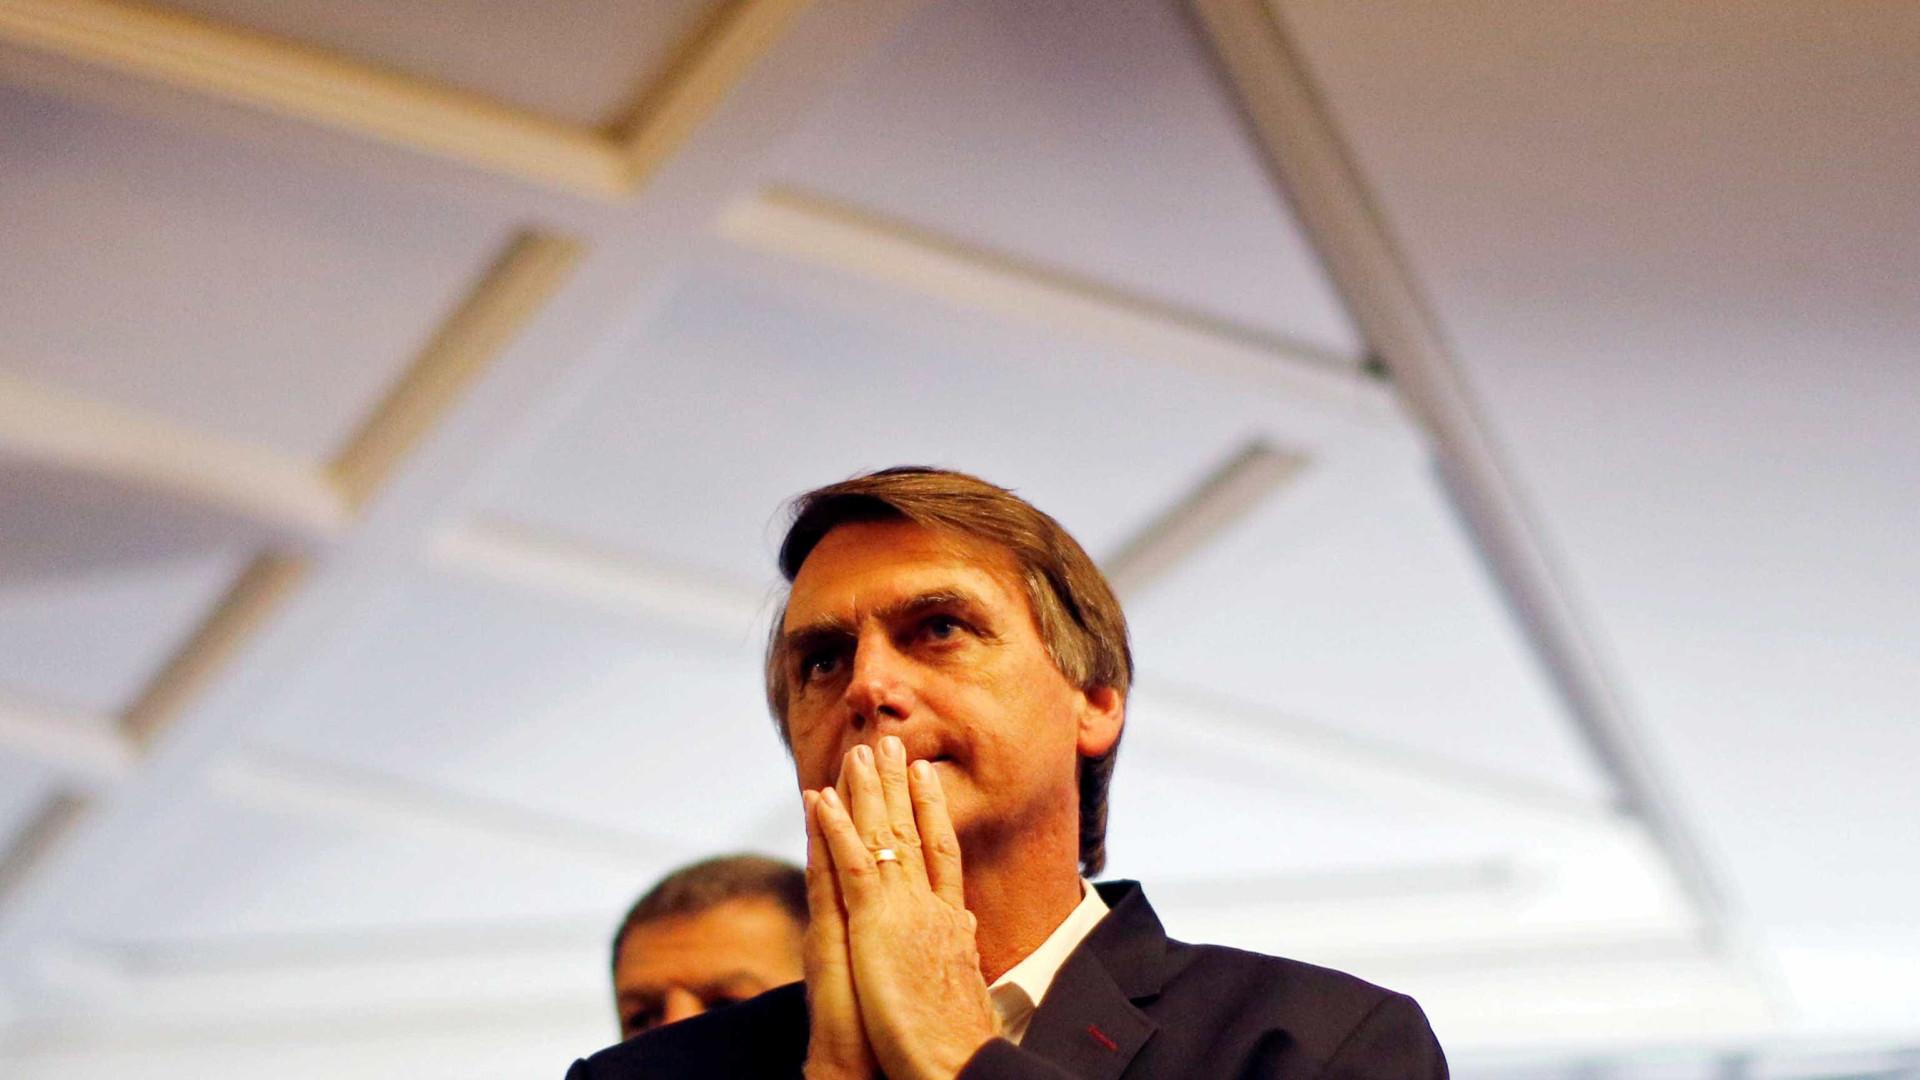 'Quadro é grave, mas ele está estável', diz médico que operou Bolsonaro